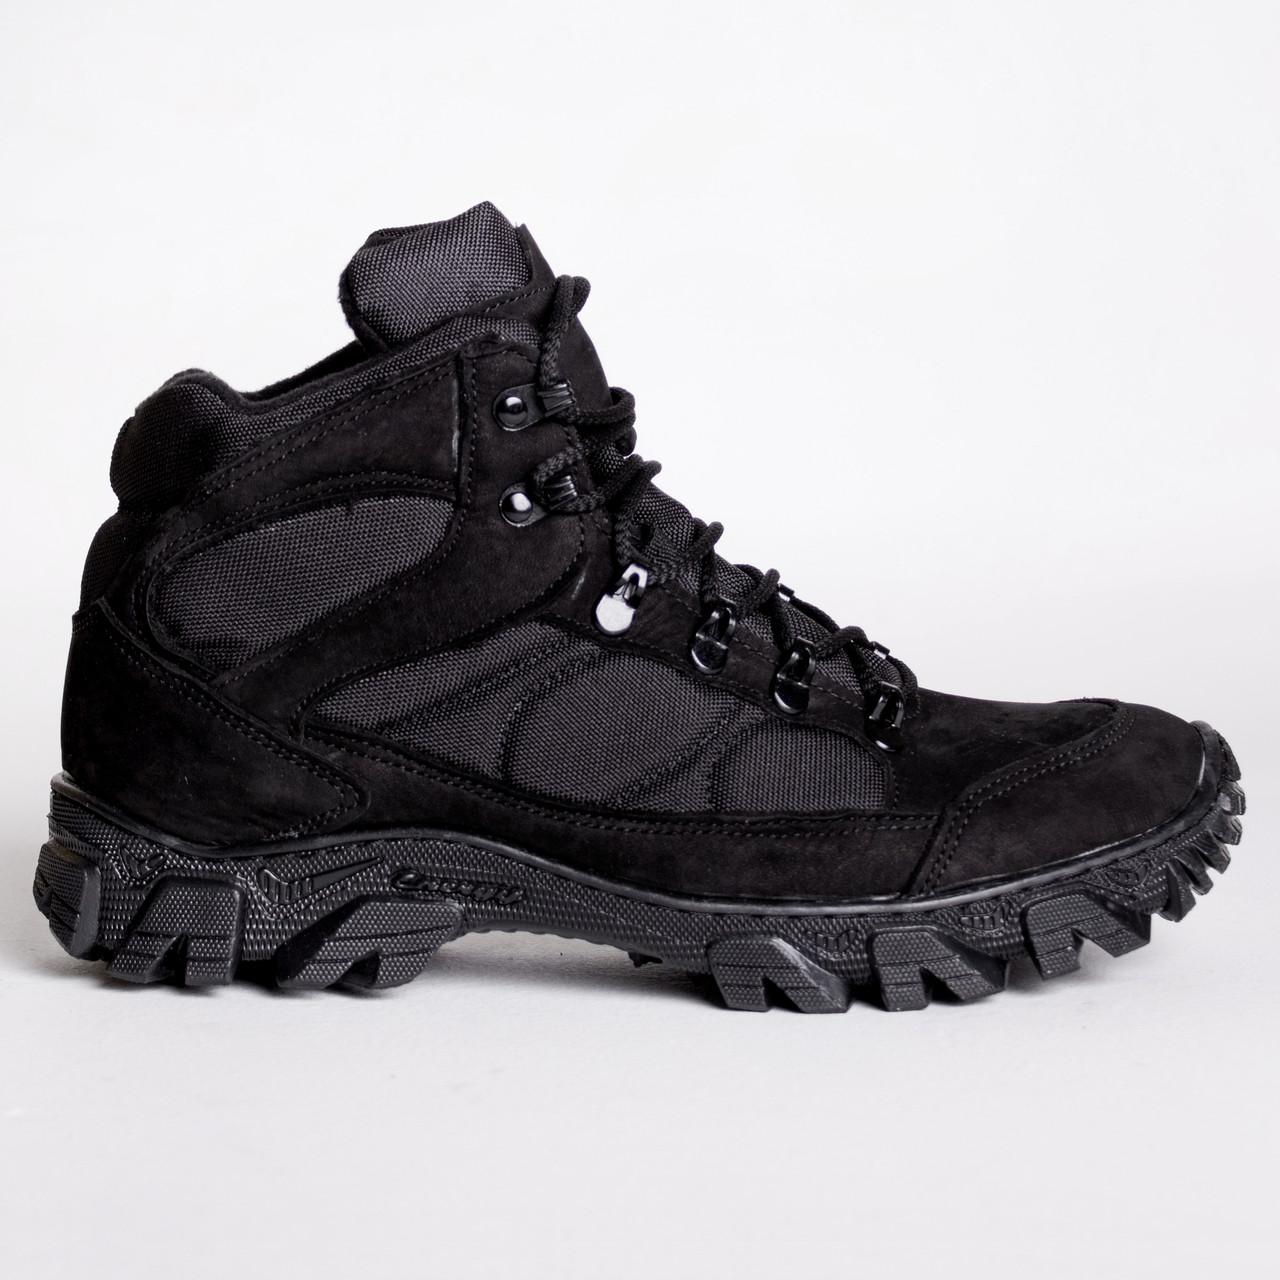 Ботинки Тактические, Зимние Торнадо Черные